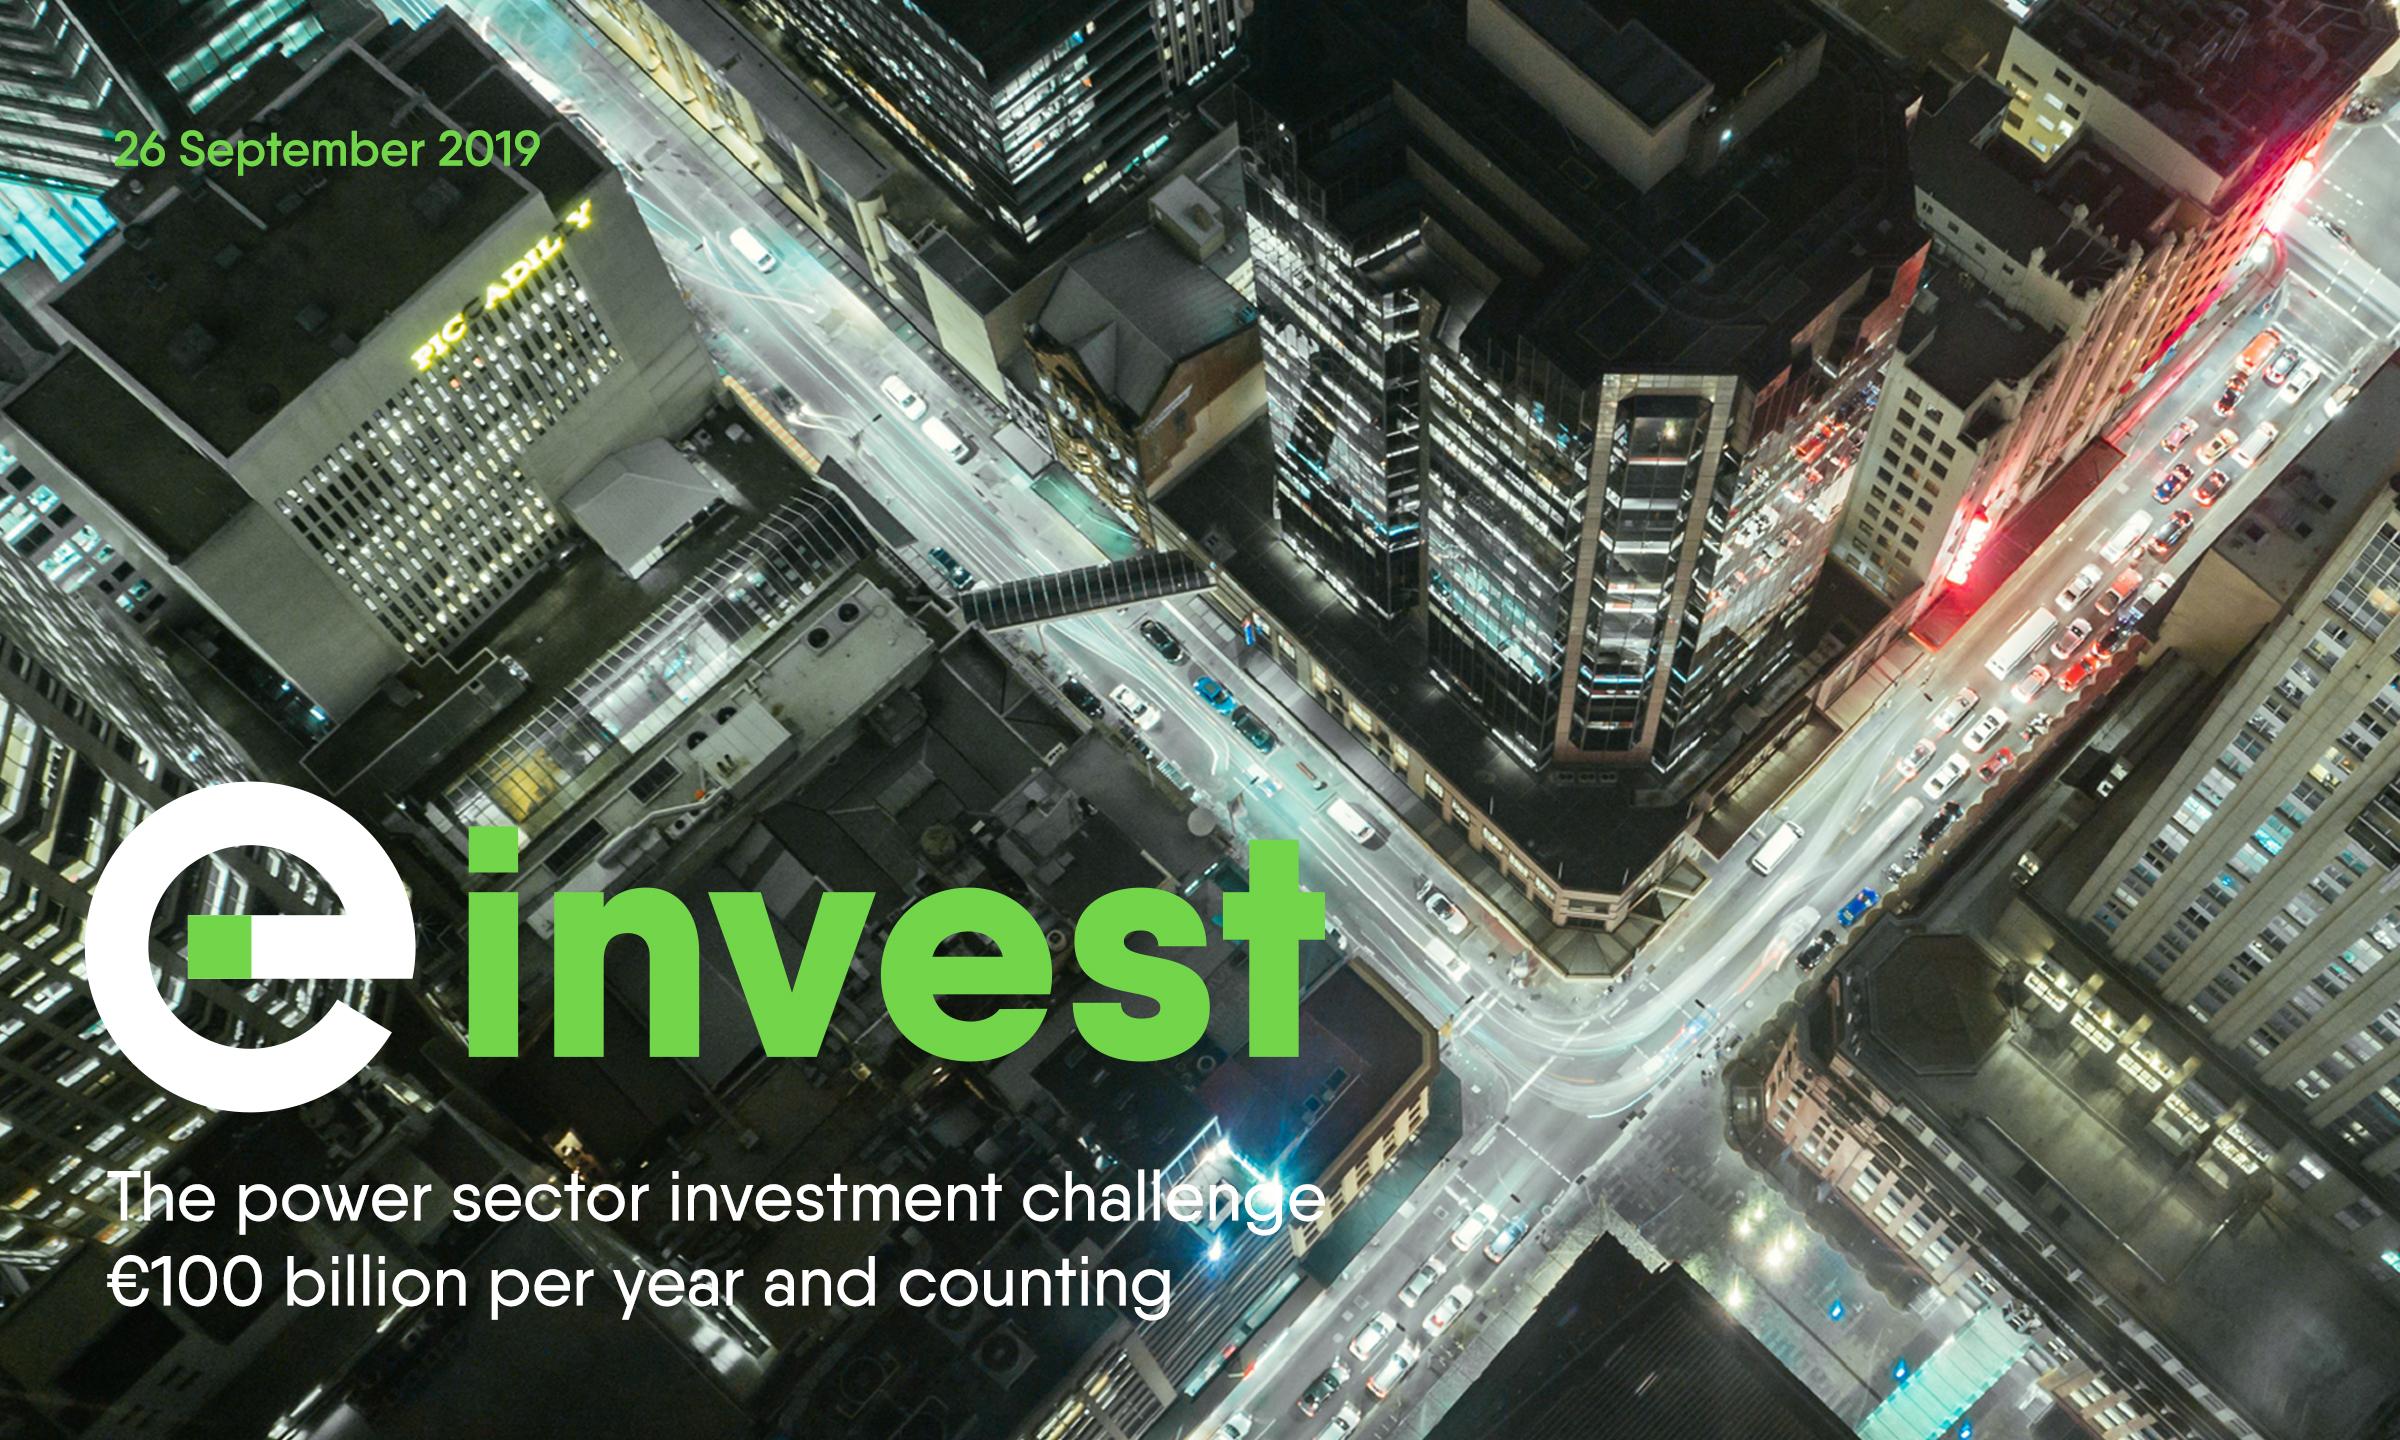 banner e invest event page h CF0AE0DE